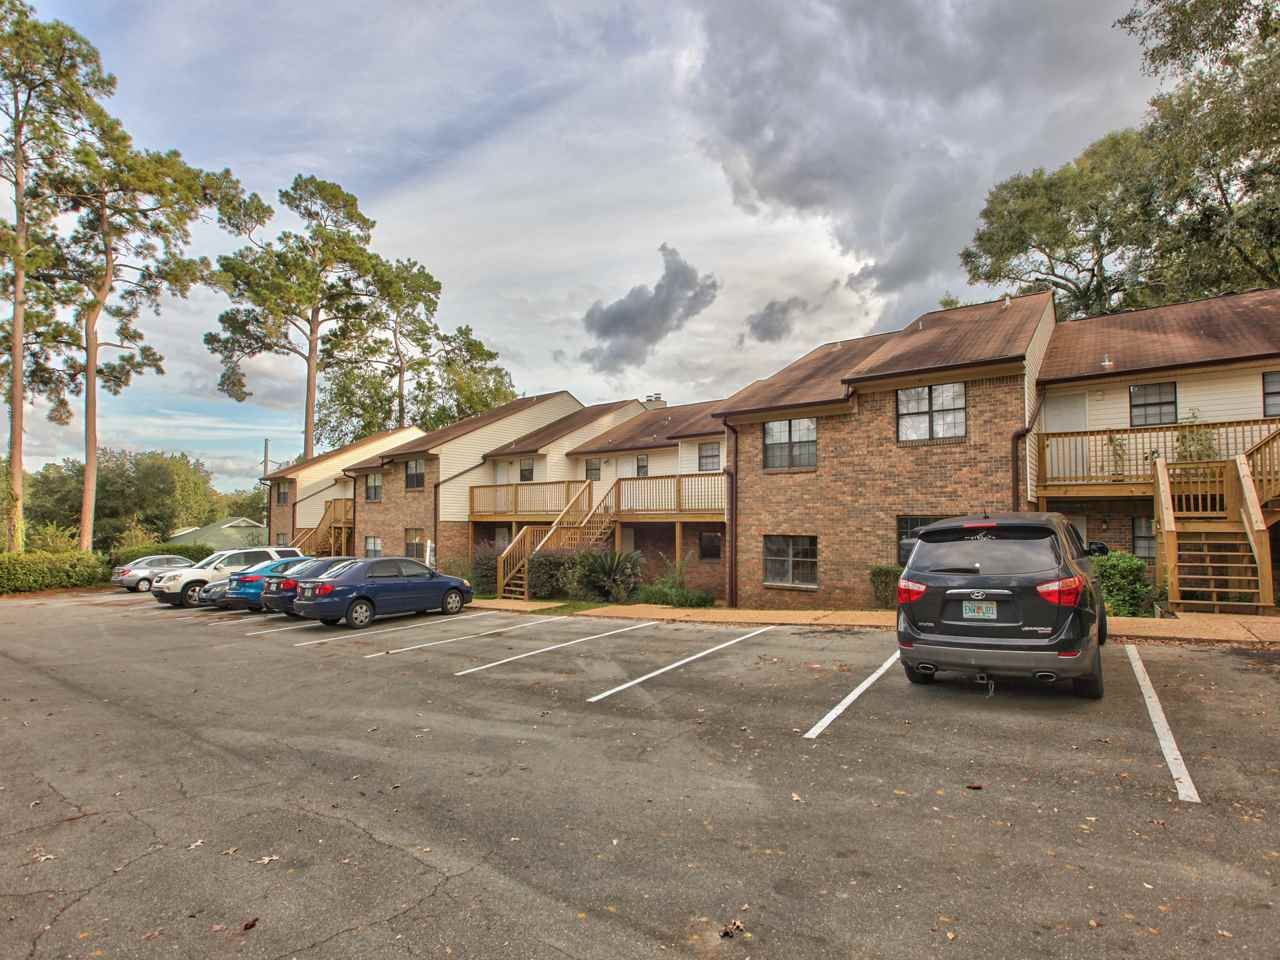 Photo of 1108 Green Tree Court #L, TALLAHASSEE, FL 32303 (MLS # 323705)